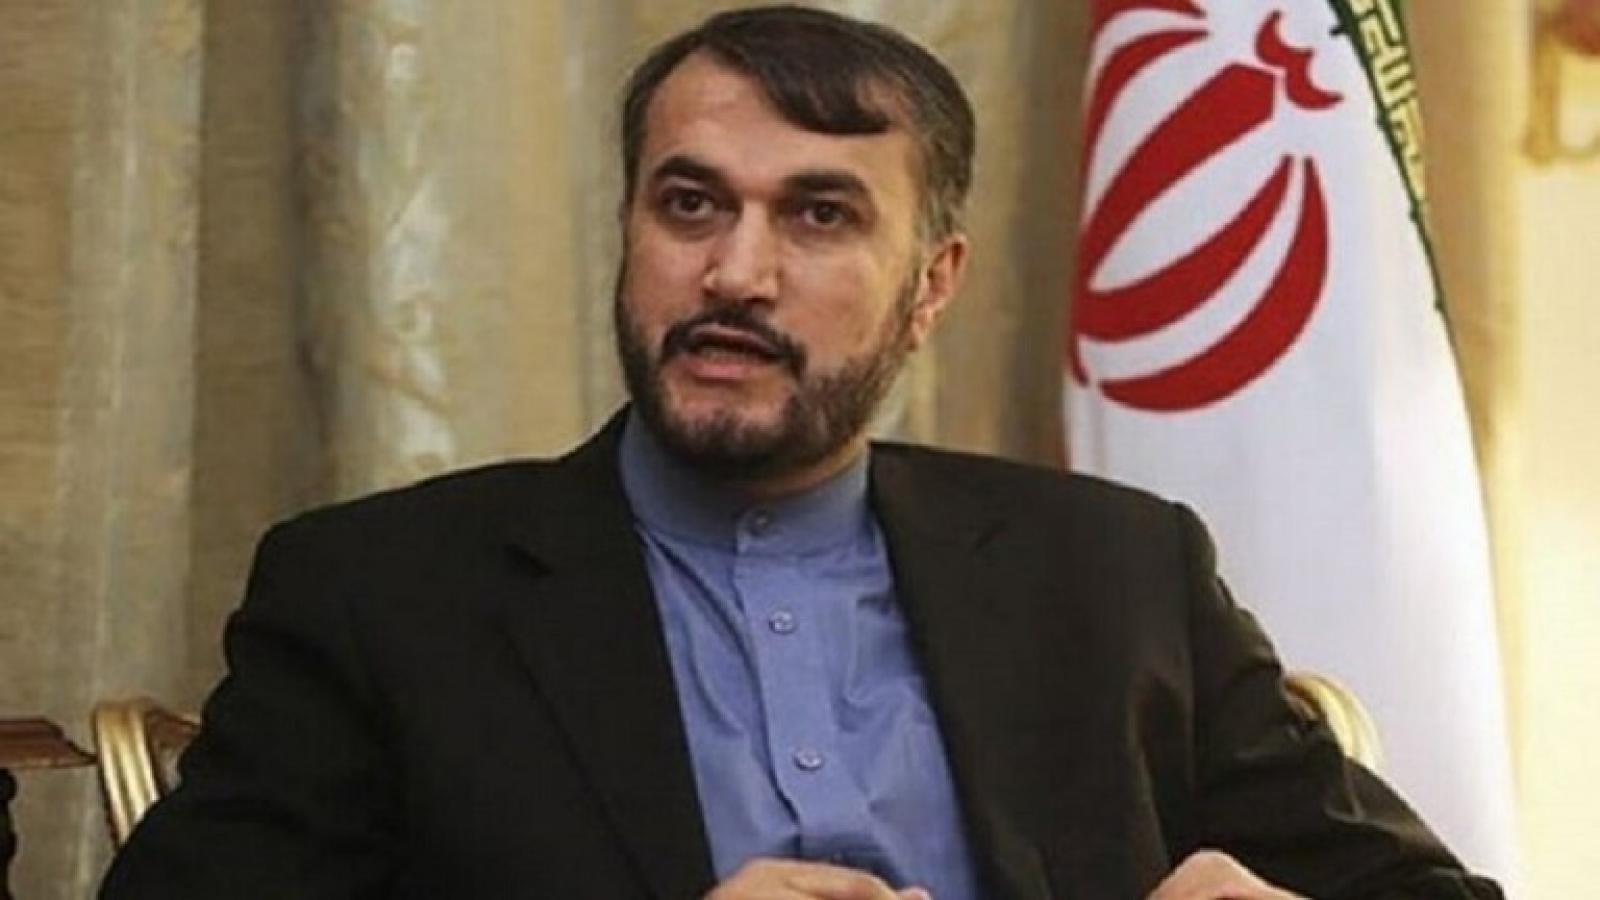 Mục tiêu ẩn giấu của Mỹ khi chặn máy bay dân sự Iran